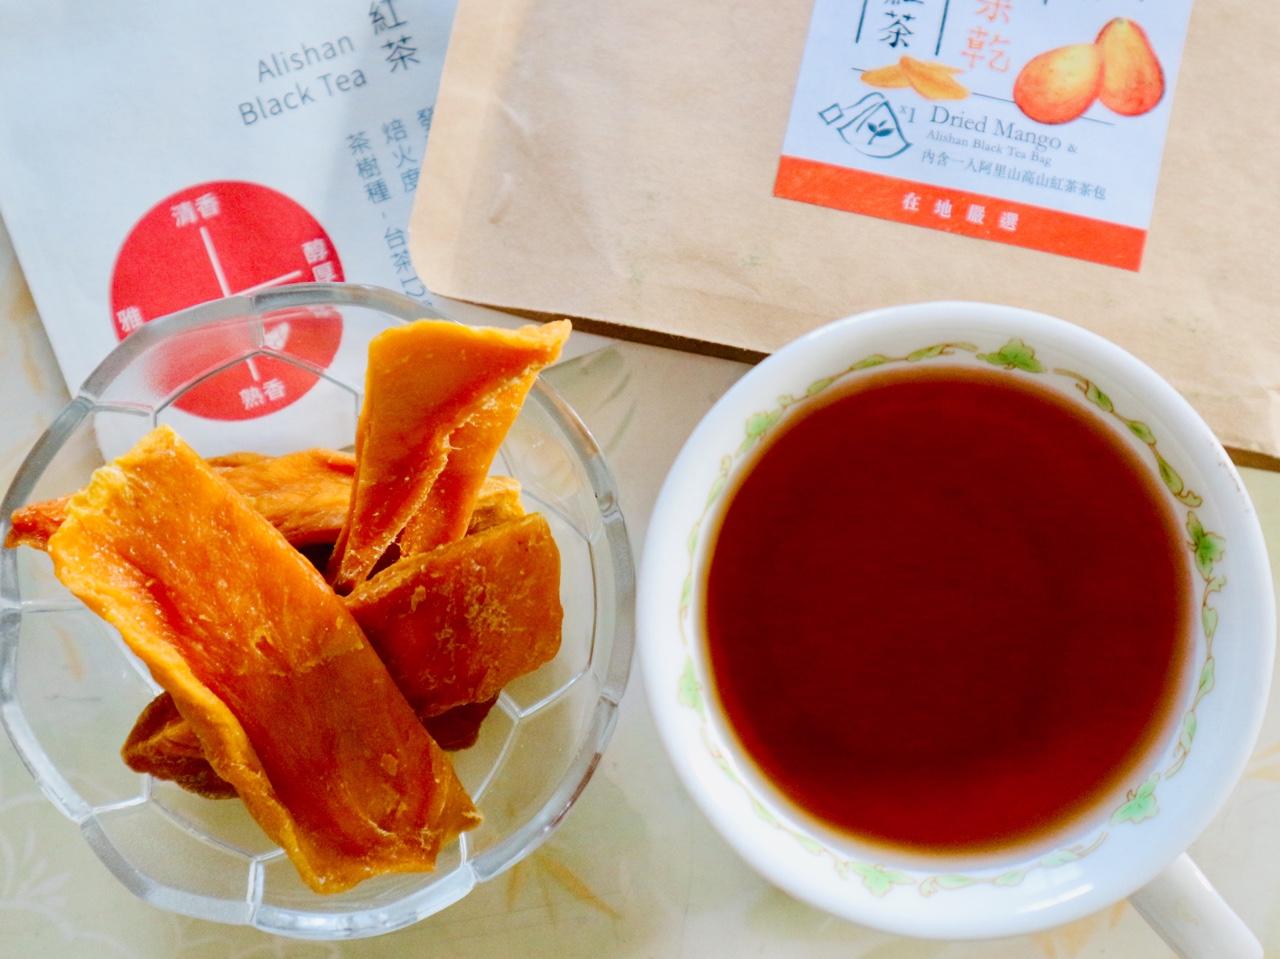 玉井愛文ドライマンゴーと阿里山高山紅茶